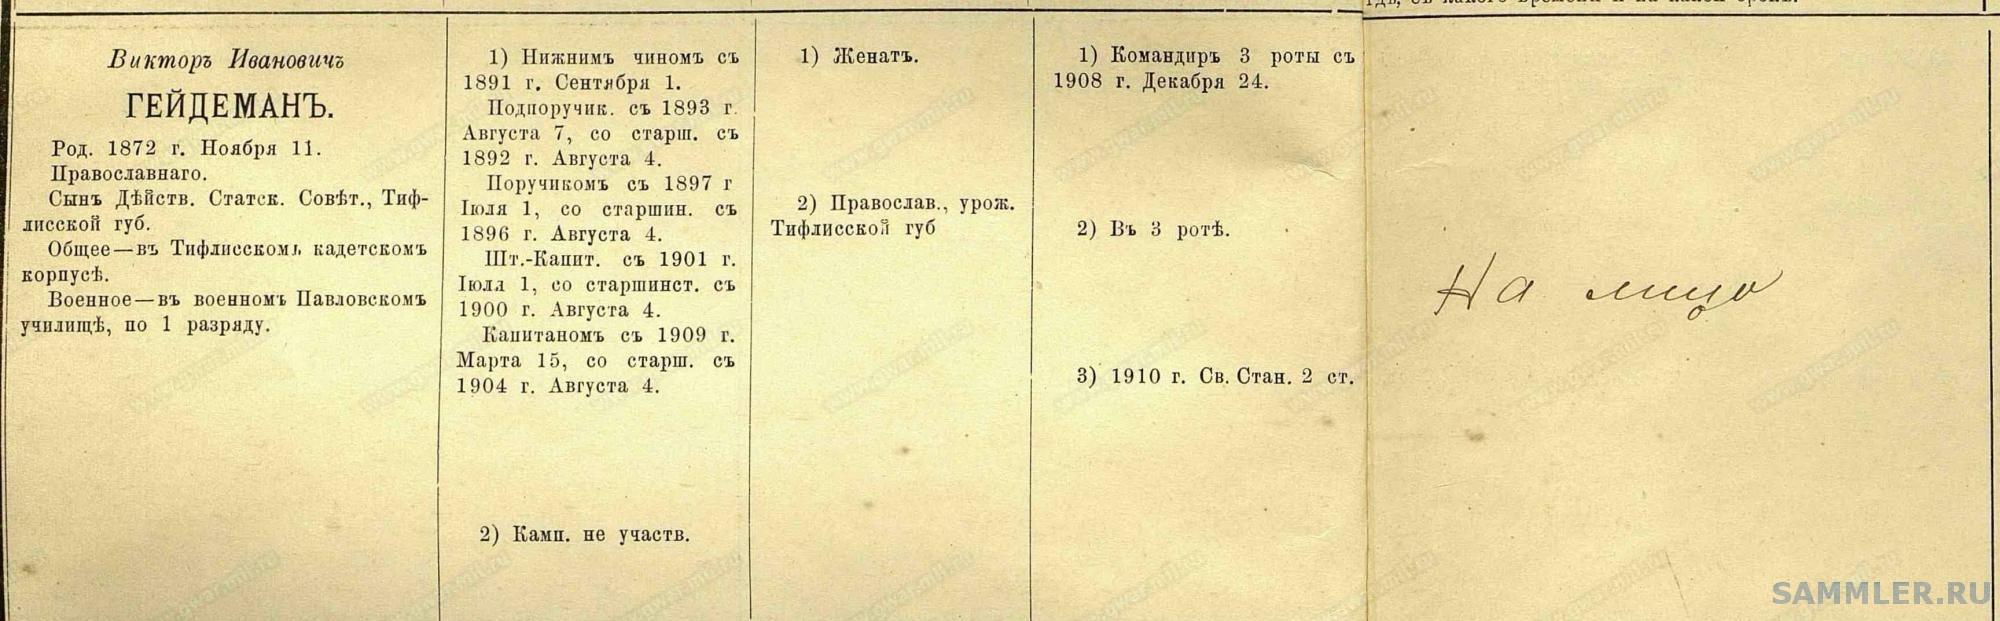 Гейдеман В.И. 4.jpg